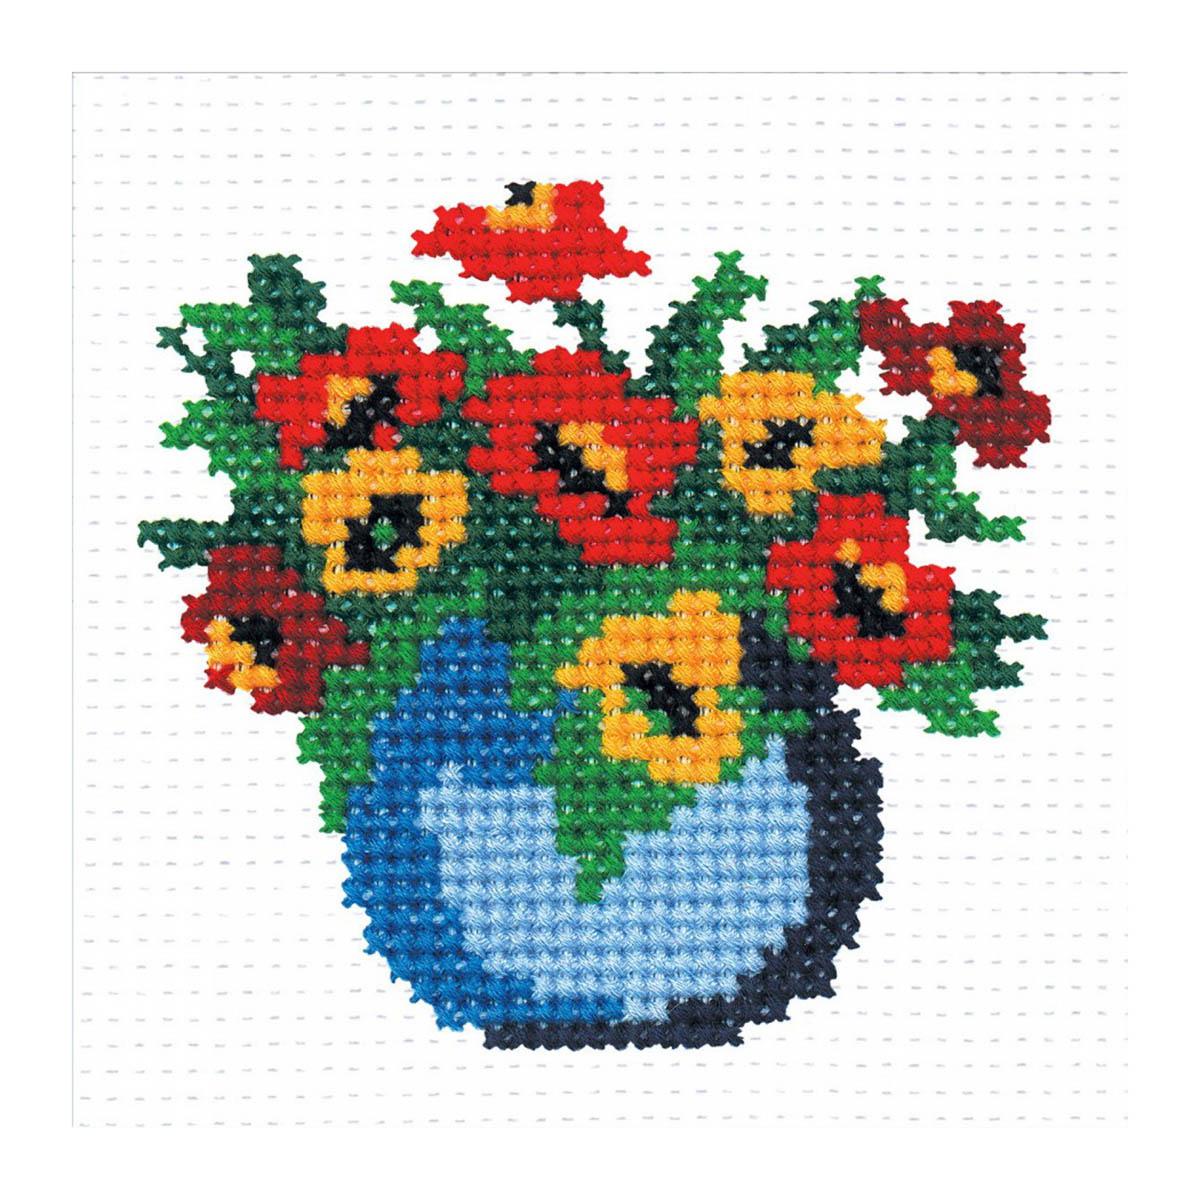 137 Набор для вышивания 'РС-Студия' 'Ваза с цветами', 10*10 см